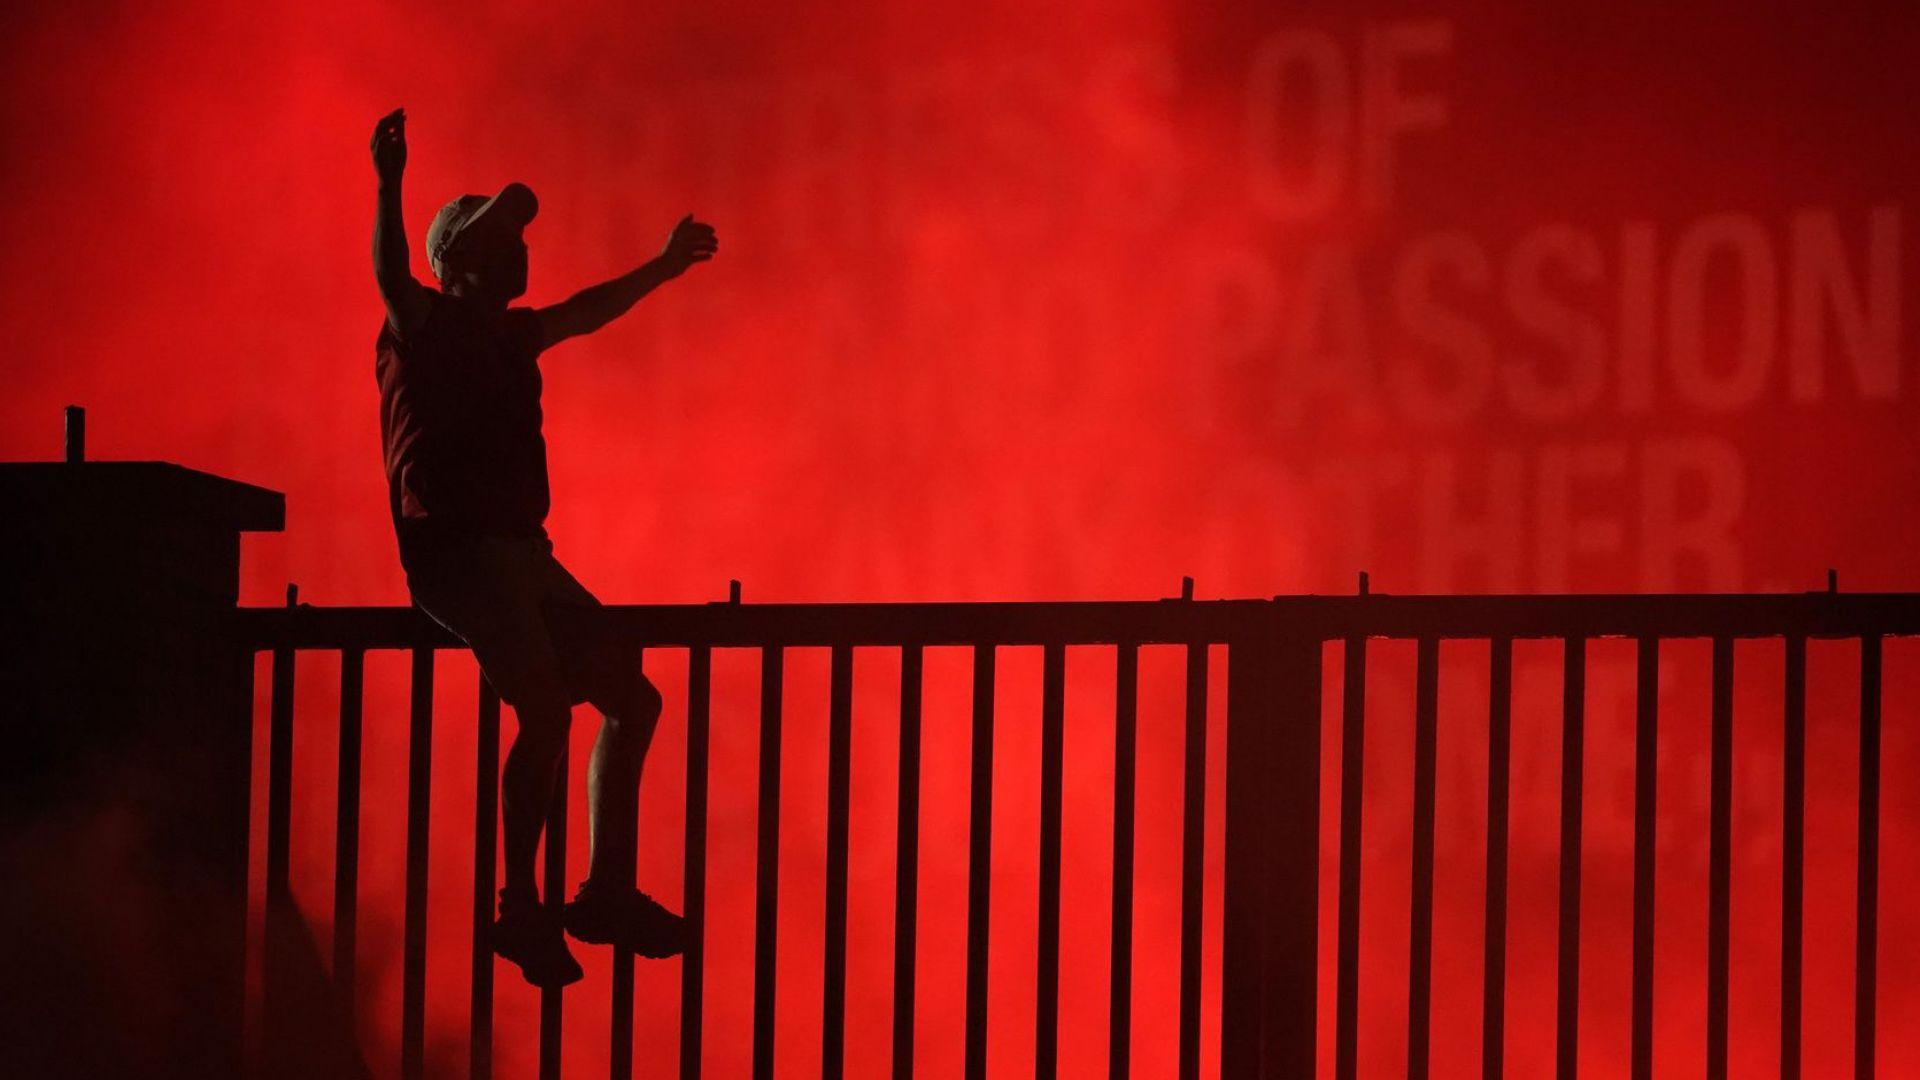 Ливърпул не спа, а цяла нощ празнува така чаканата титла (галерия)